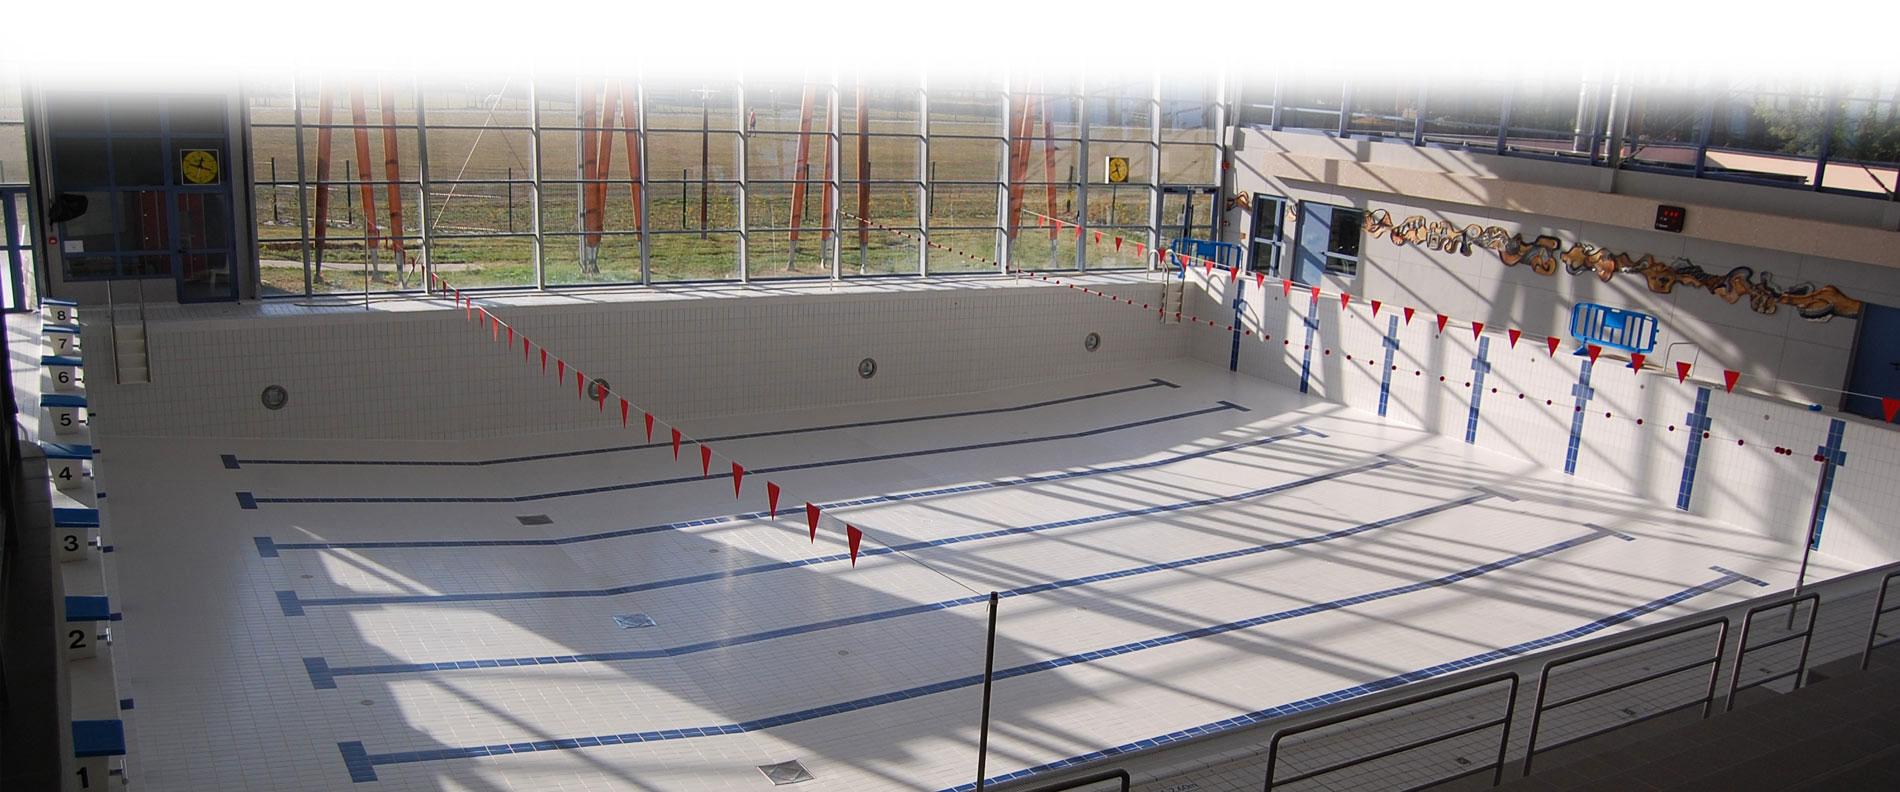 Accueil Aquaspace Un Océan De Loisirs